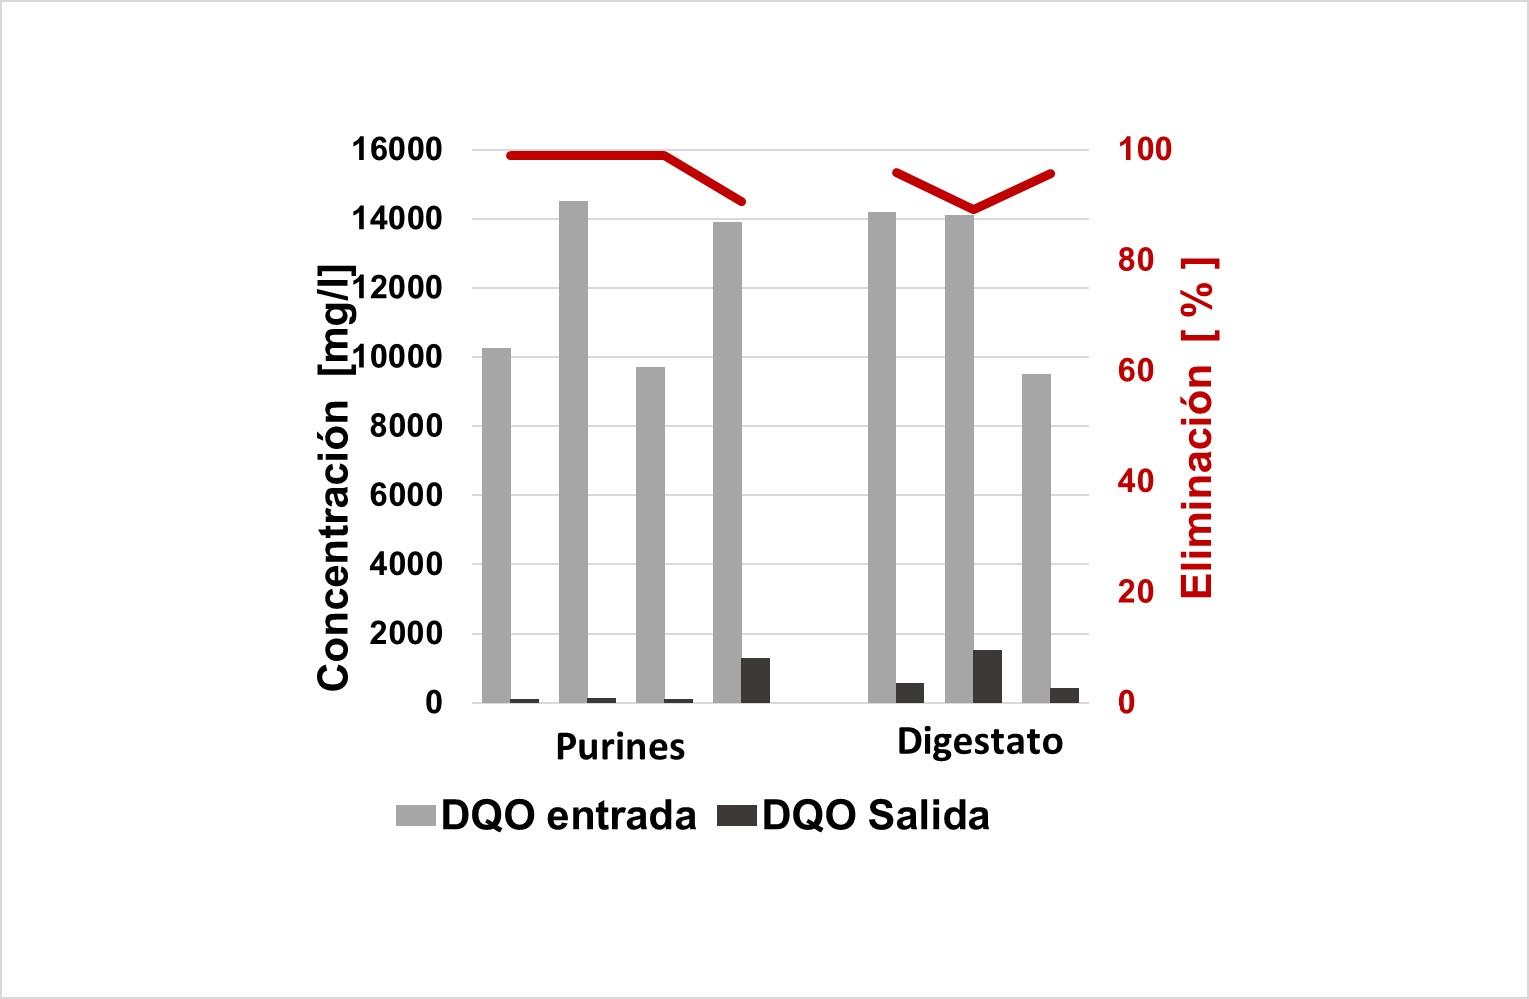 WEHRLE - tratamiento de purines y digestato - materia orgánica (DQO) en procesos MBR de differentes plantas